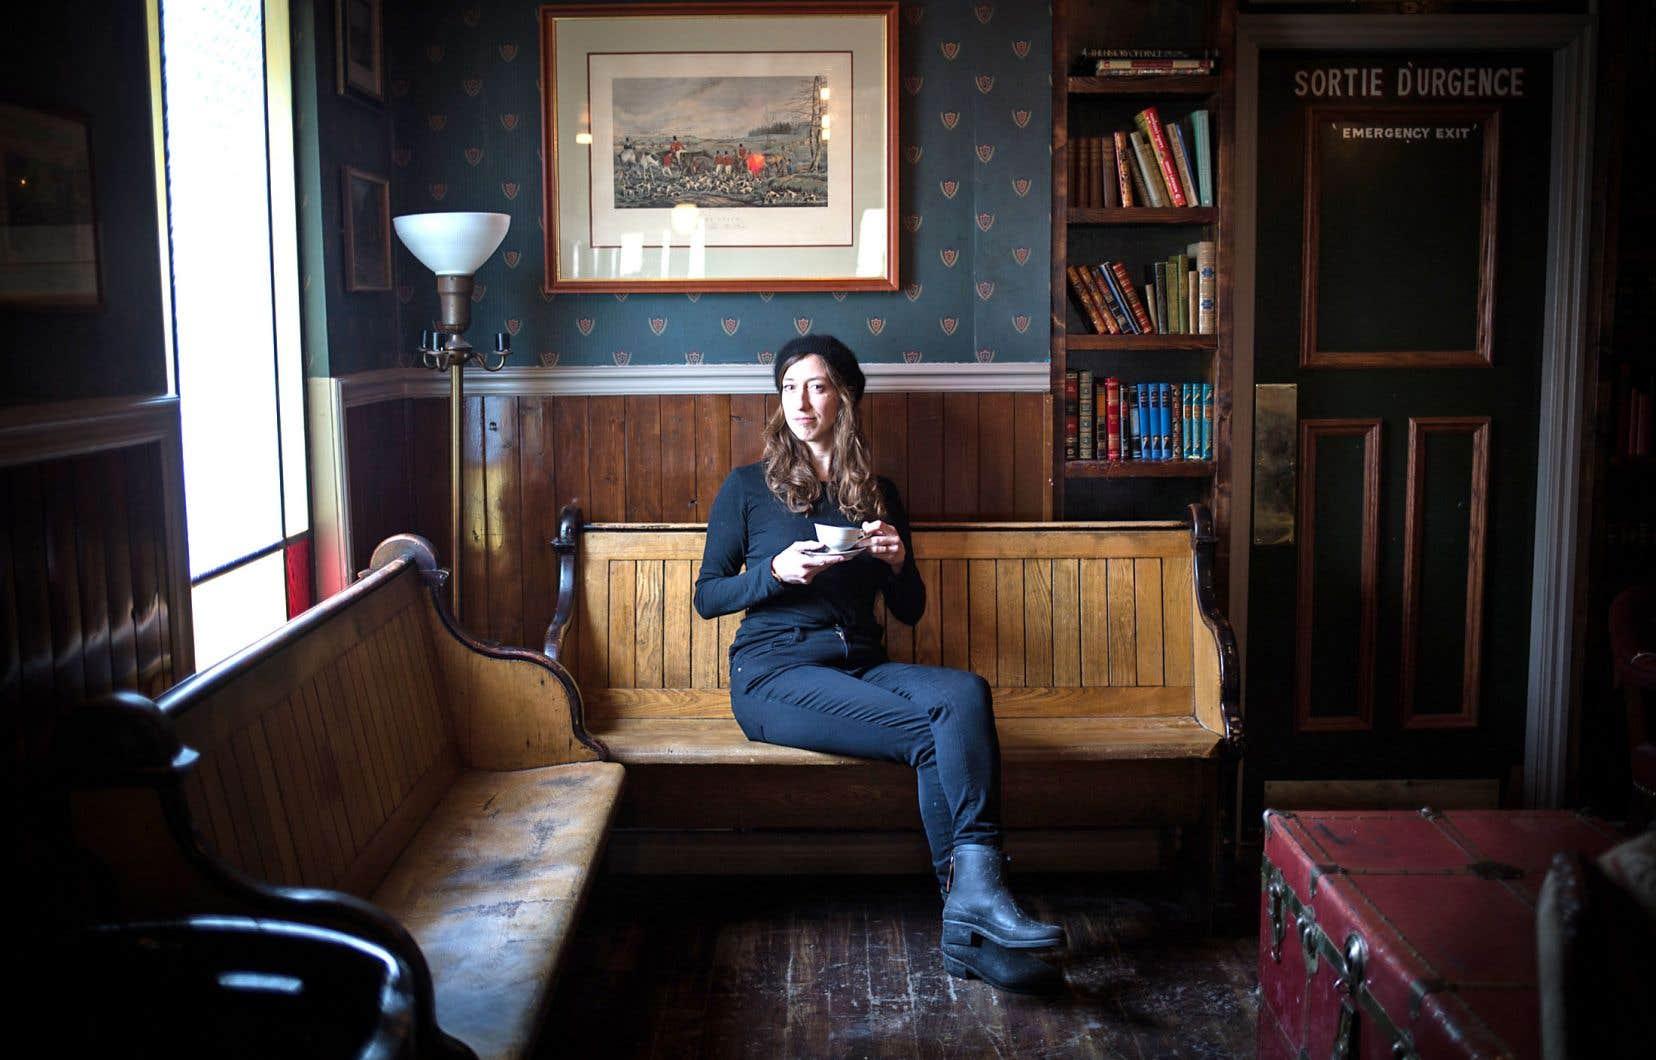 Un salon de thé au charme vieillot où Fanny Britt a ses habitudes: on ne saurait envisager décor plus approprié pour une rencontre avec cette amoureuse de culture britannique.